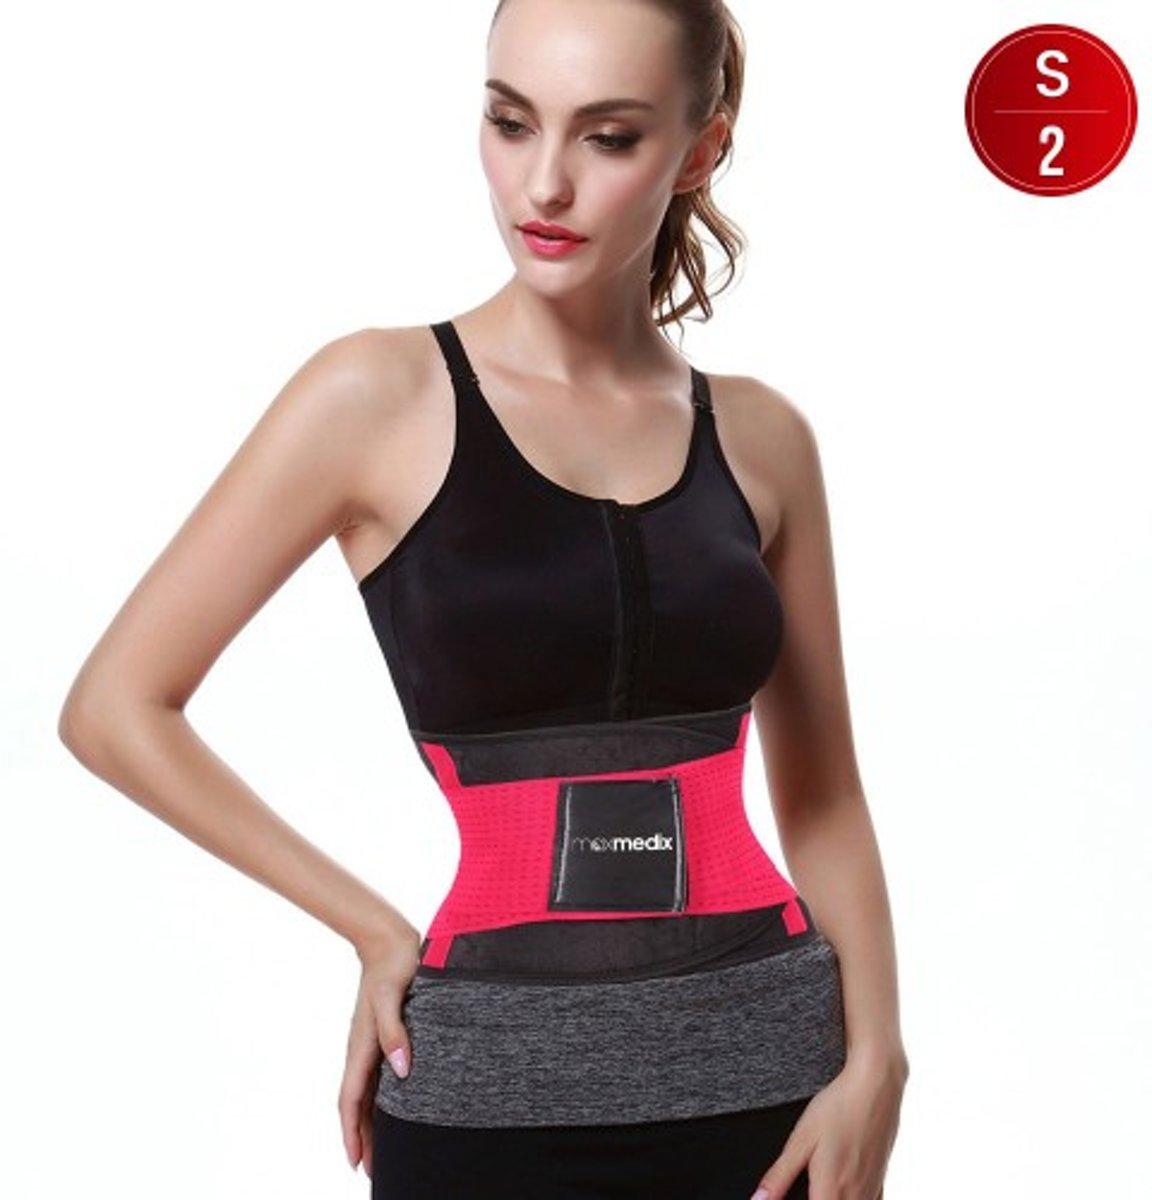 Sweat Belt - Afslanken Band - Fitnesskleding - Roze - Small - Duo Verpakking kopen